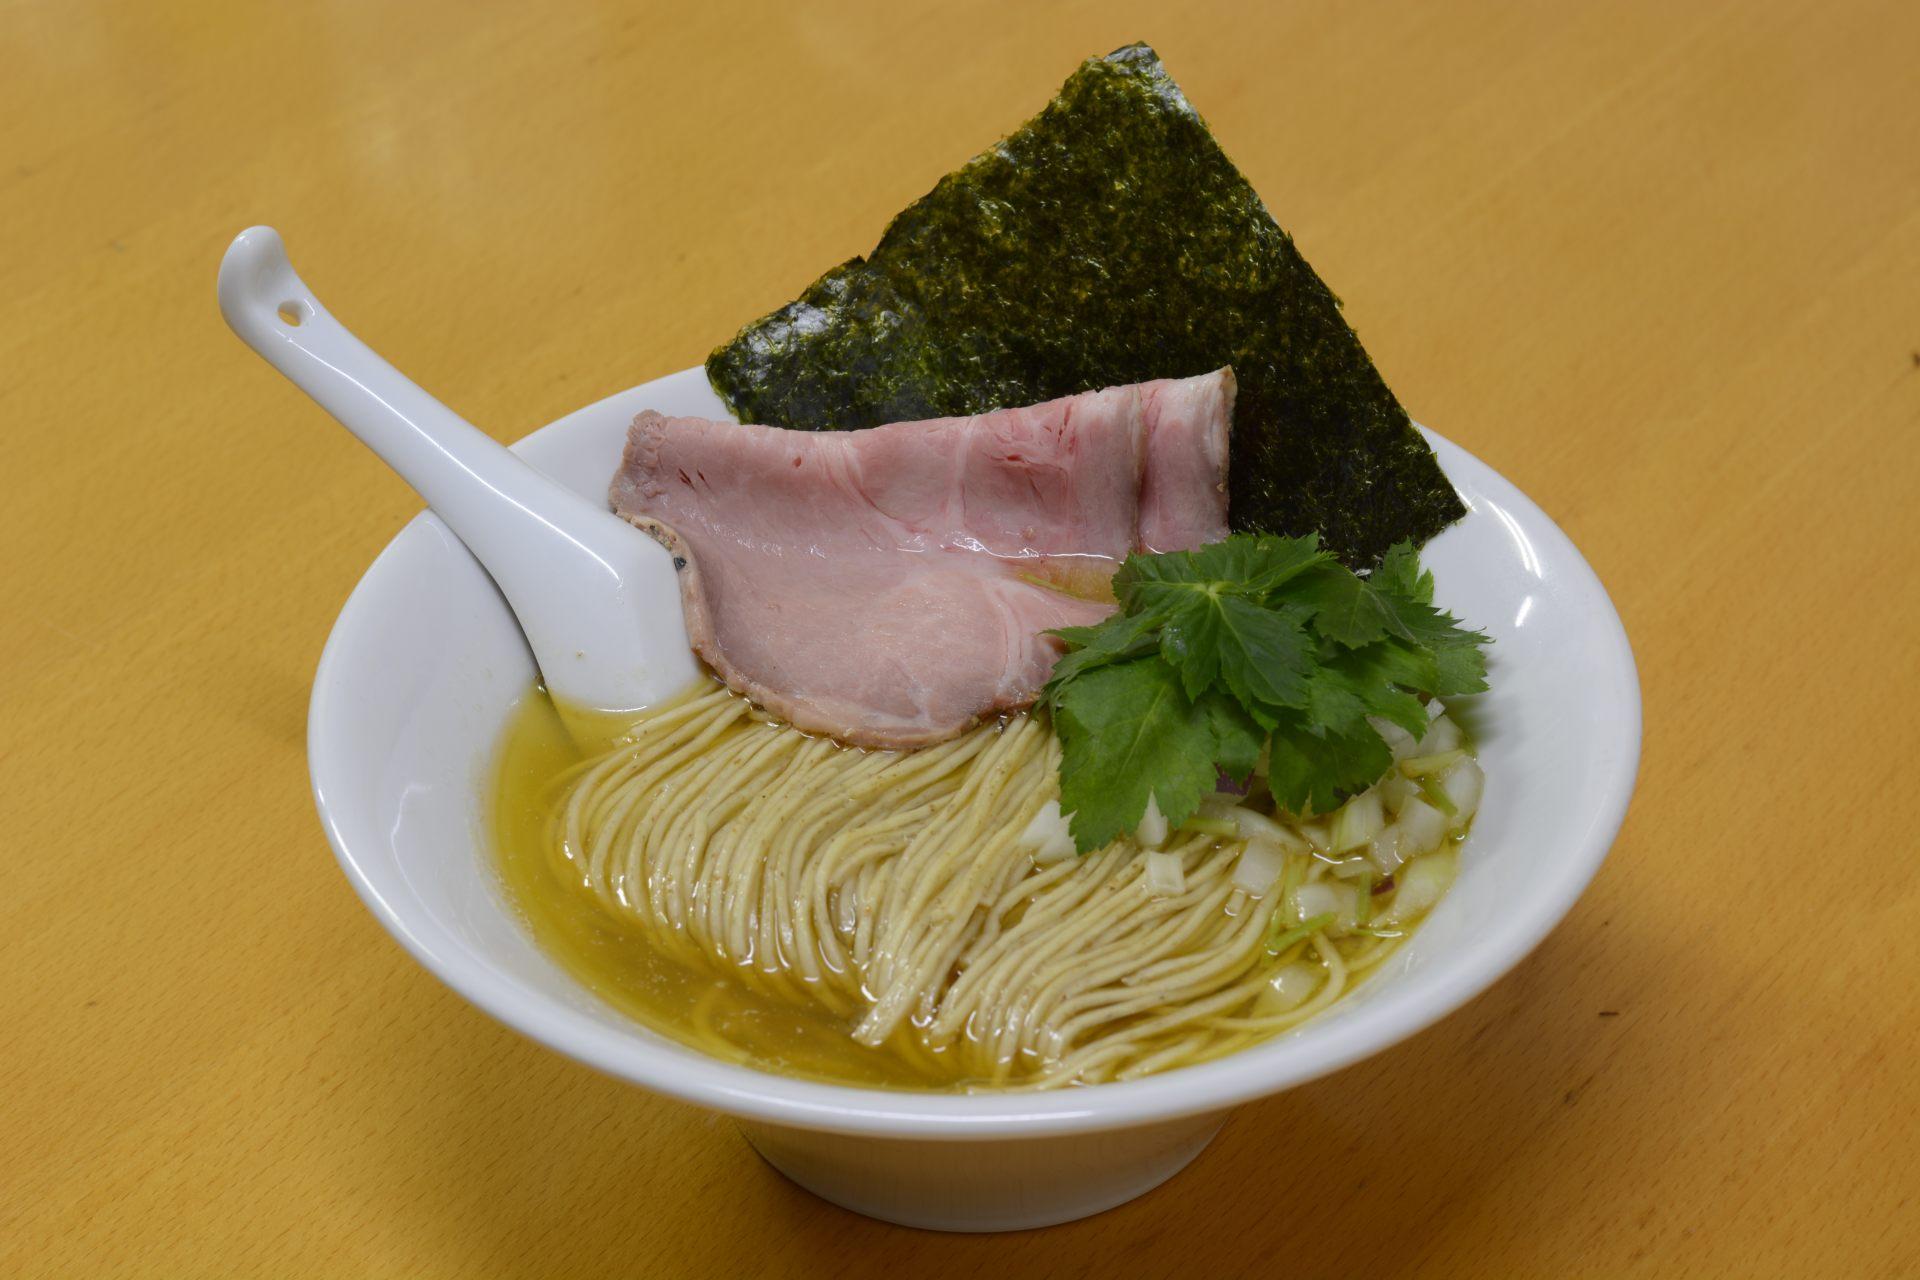 招牌菜单:面粉使用全粒粉的「煮干拉面(白)」(820日元)